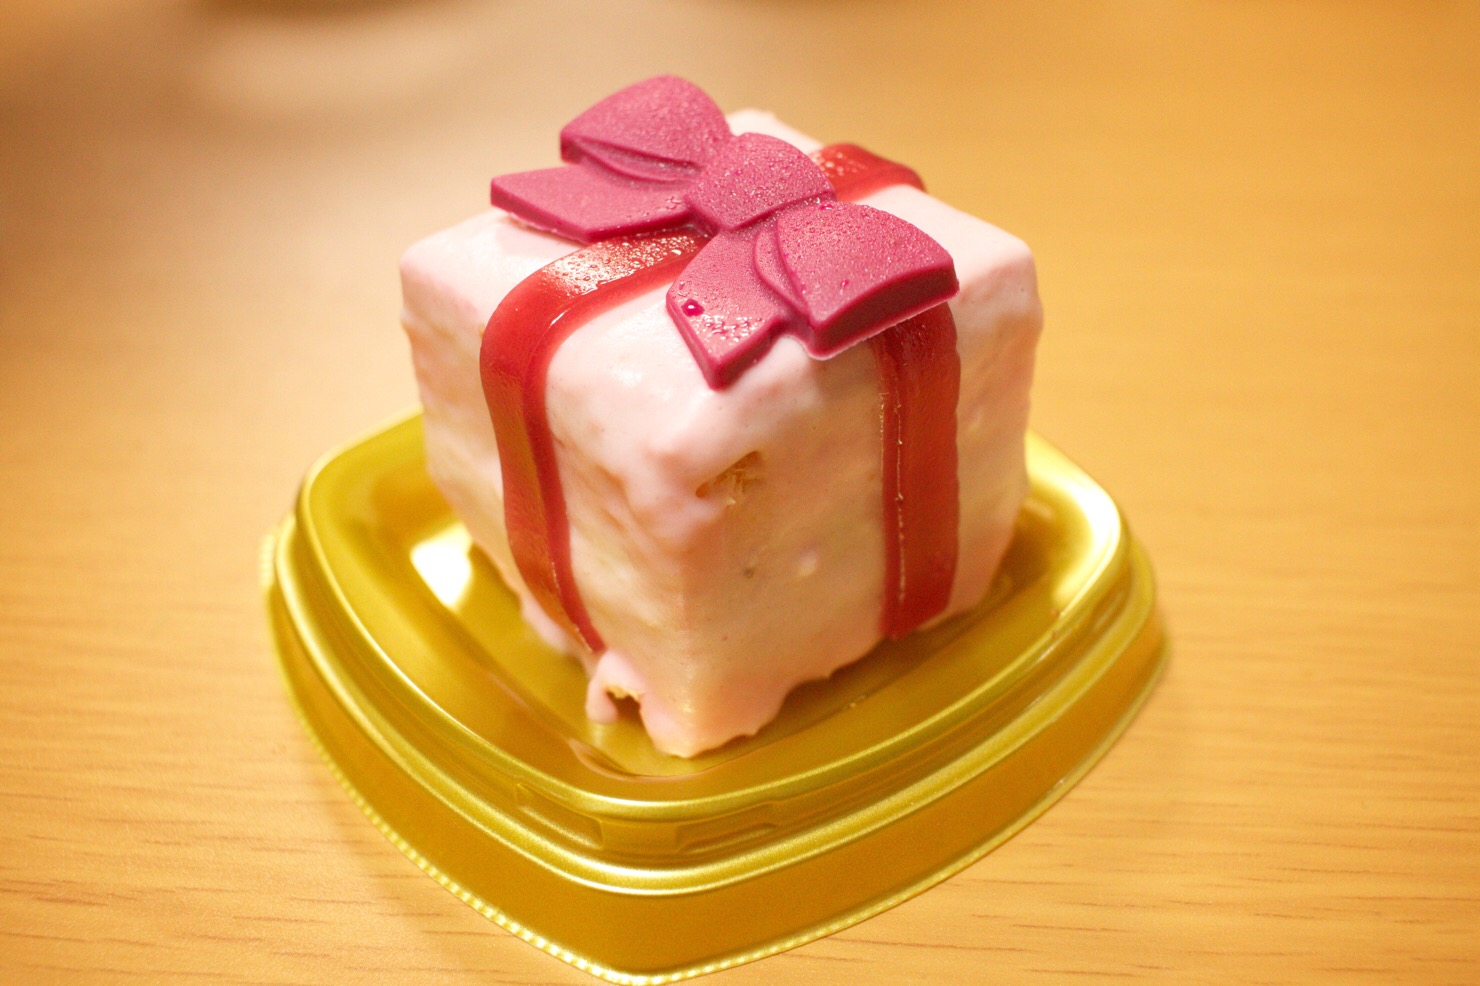 セブンイレブンで見つけたキュートなクリスマスケーキ